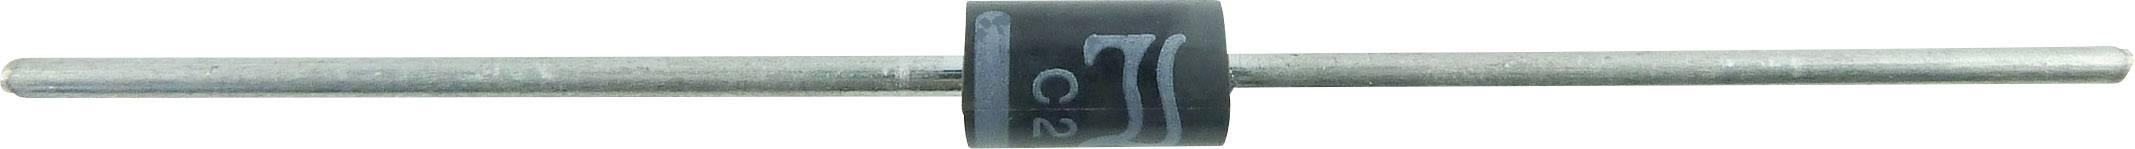 Schottkyho usmerňovacia dióda Diotec SB350, 3 A, 50 V